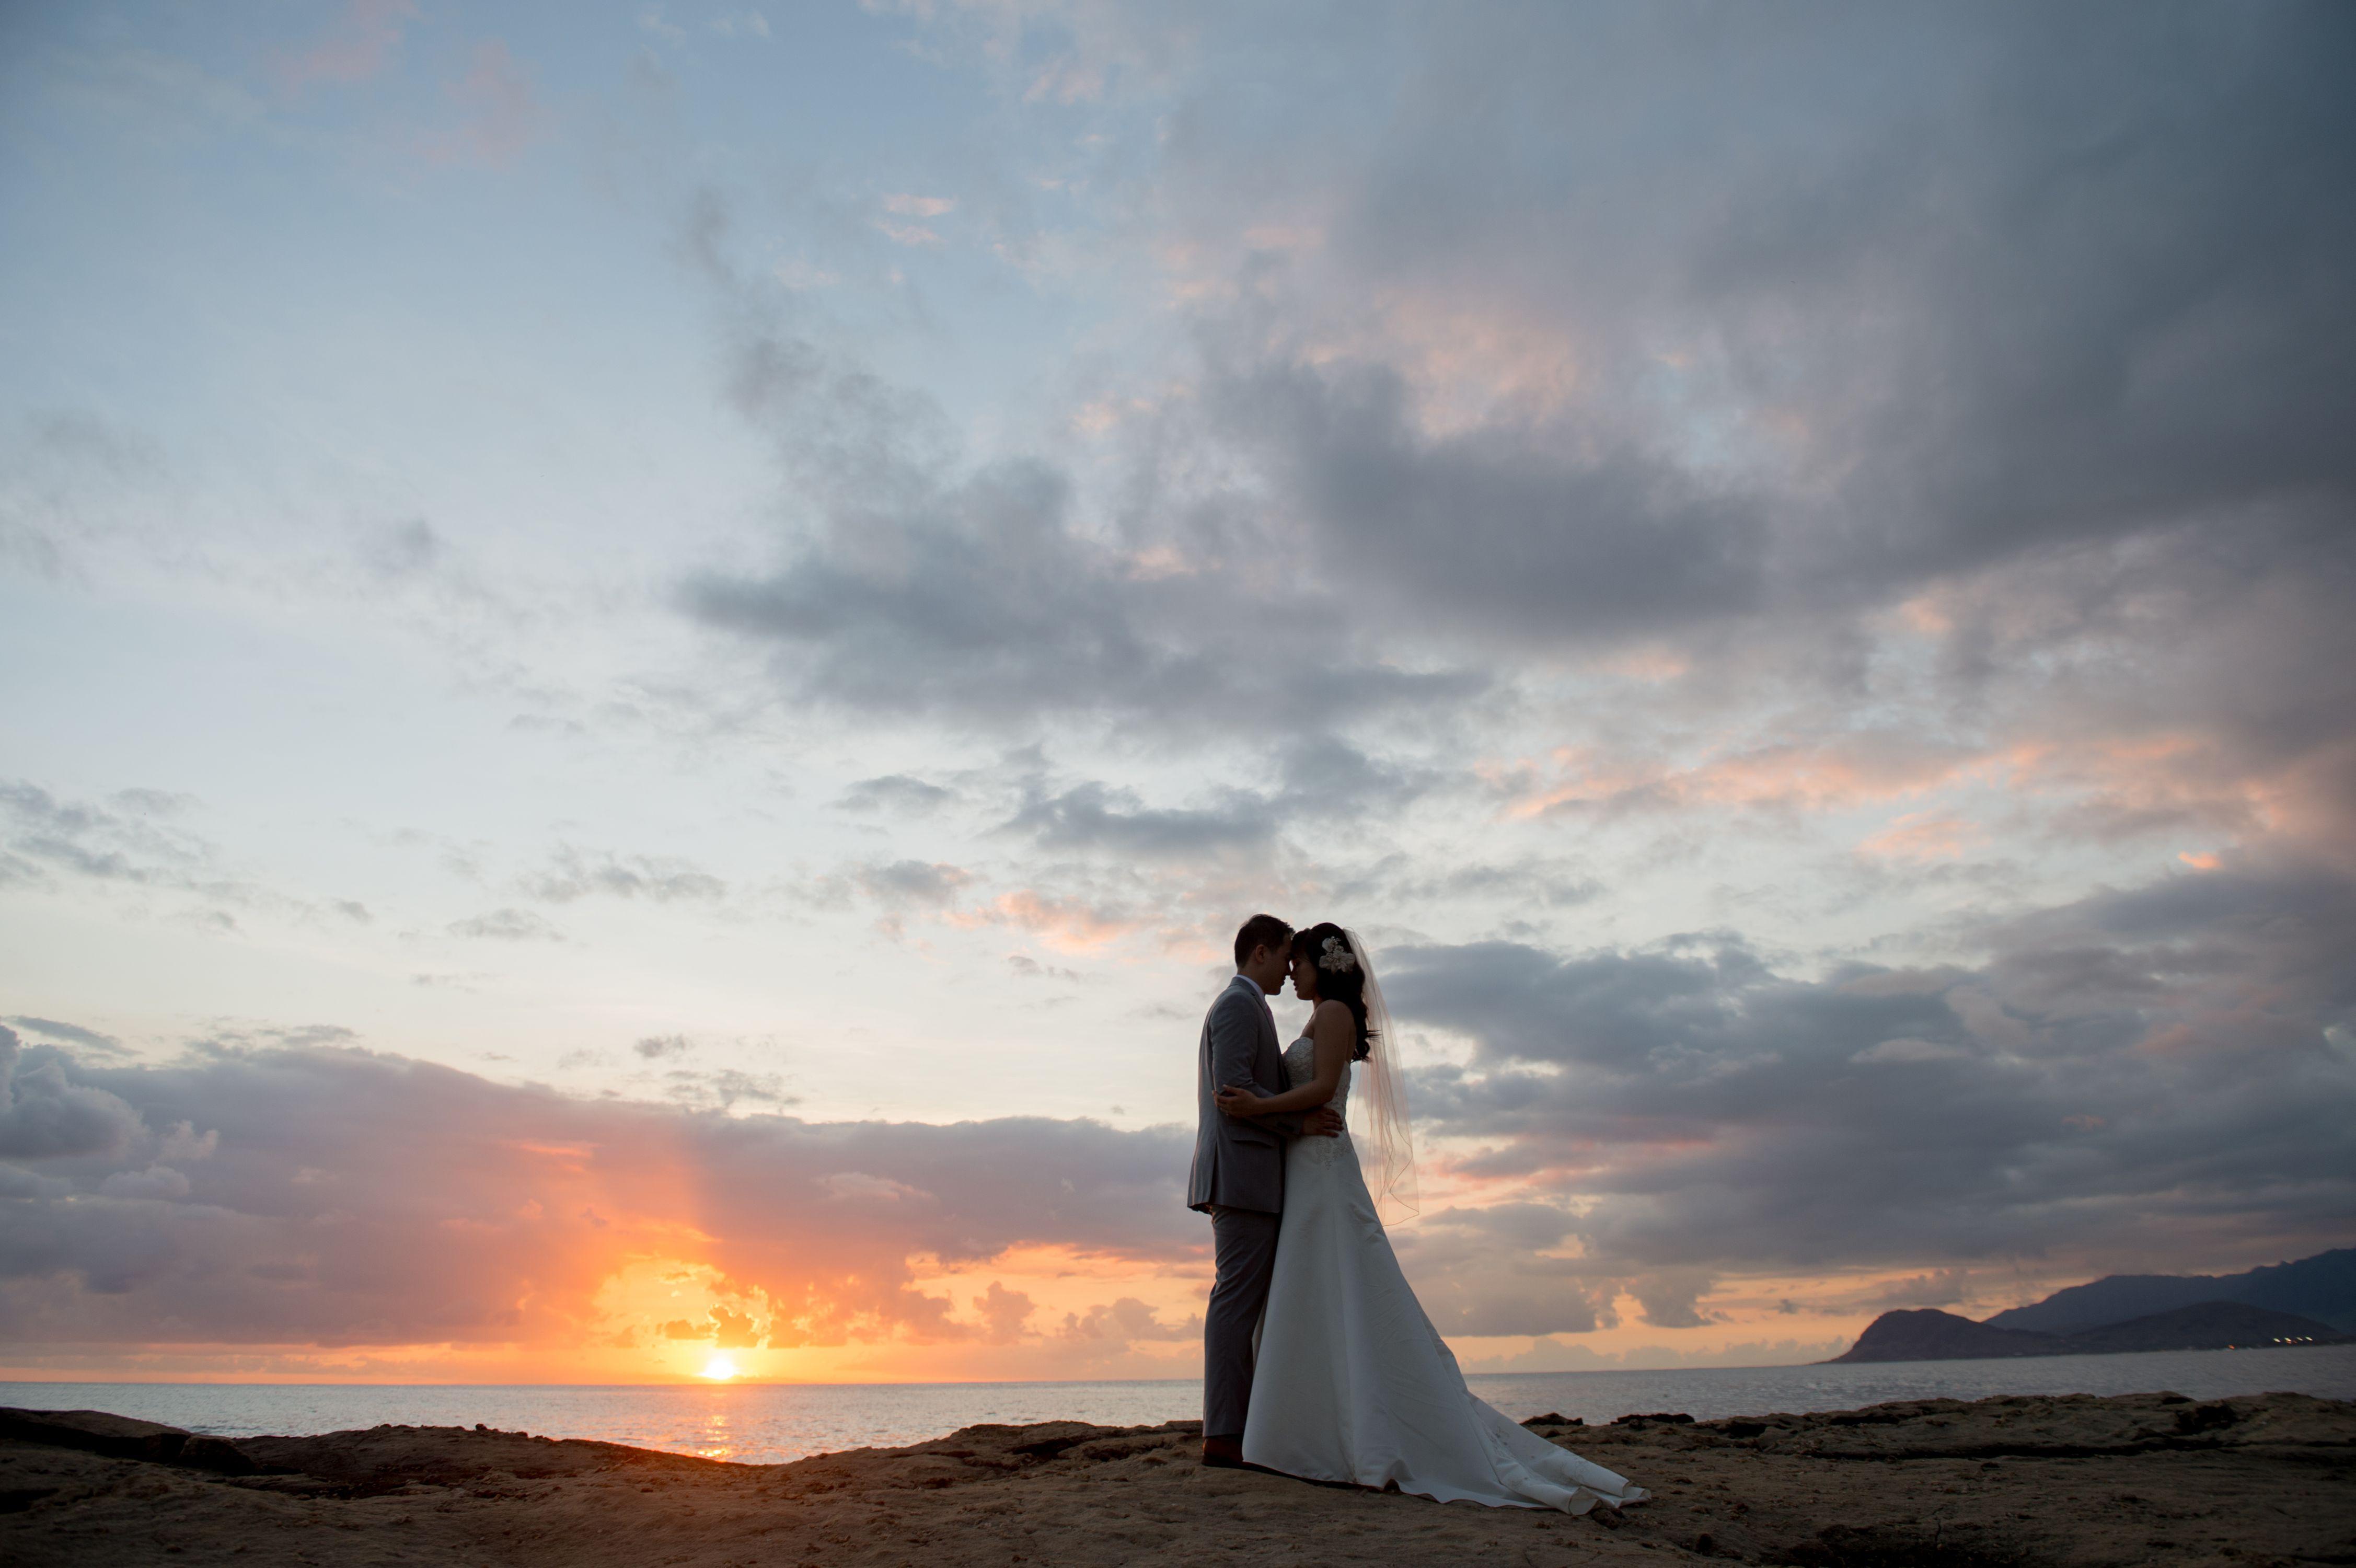 Hawaii Sunset wedding photos